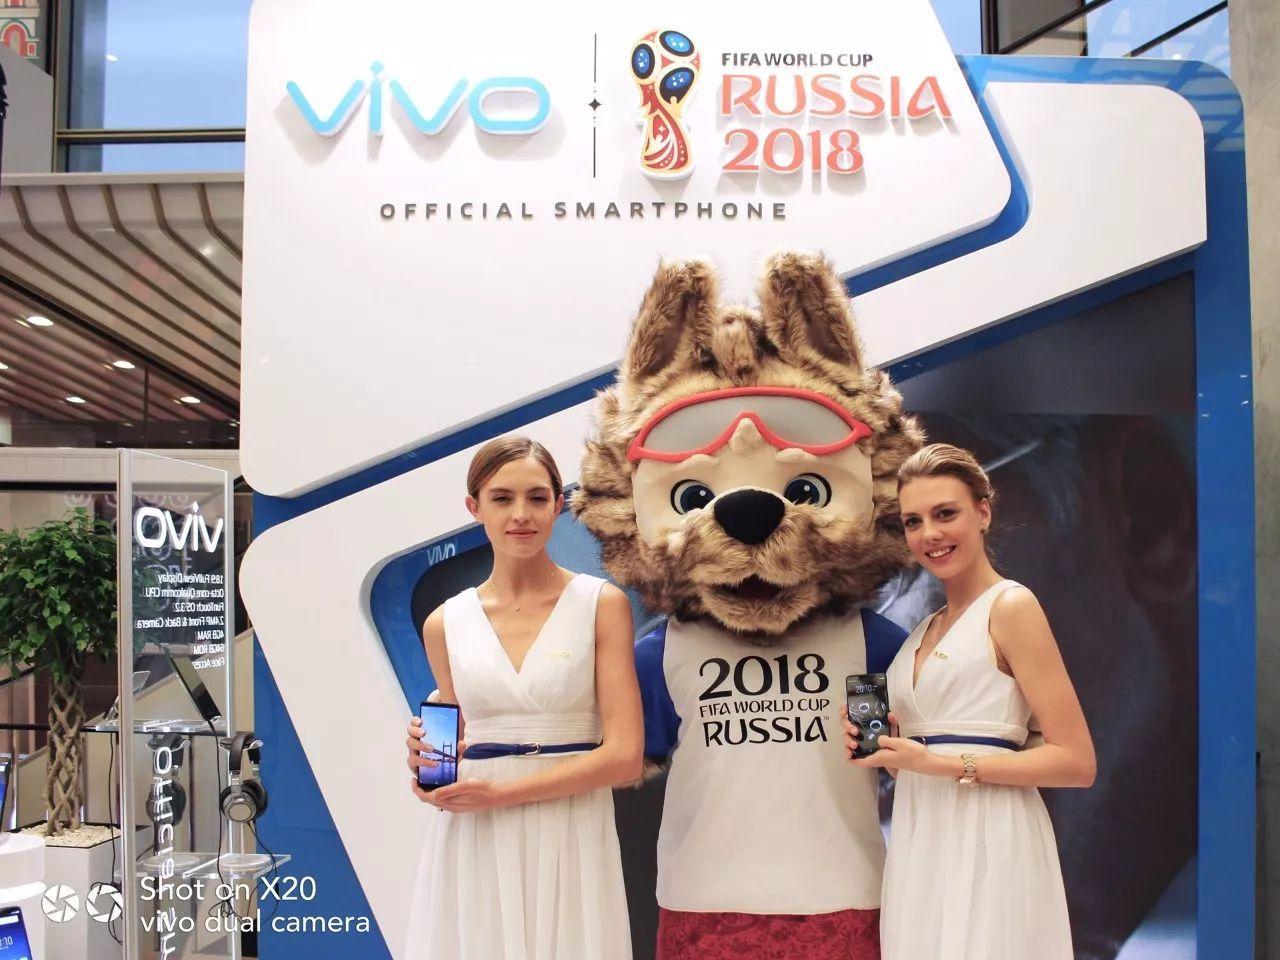 """""""中国队""""杀进俄罗斯世界杯 vivo成为FIFA工作人员官方用机"""